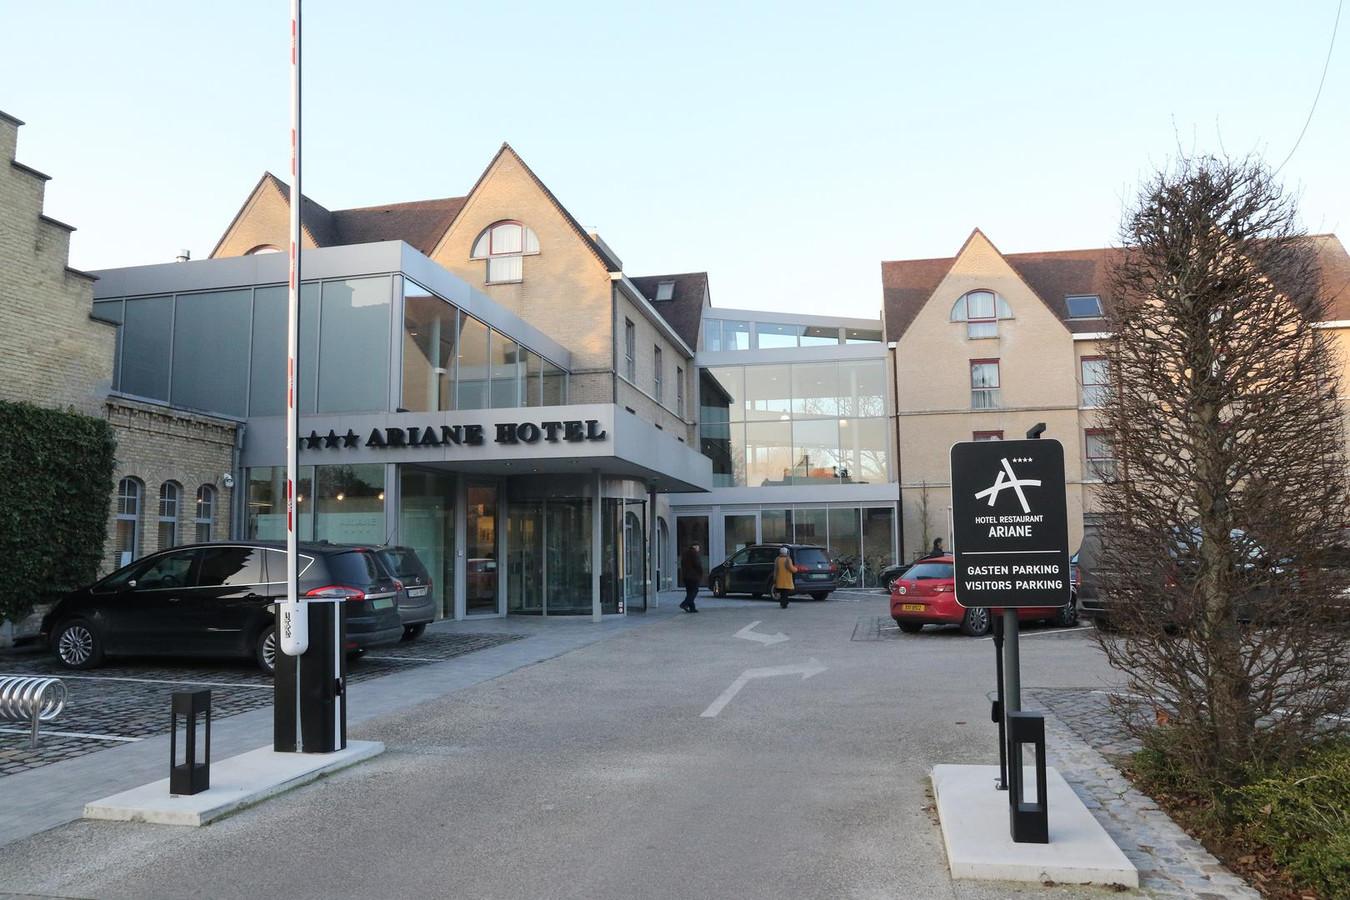 Ariane Hotel laat voortaan de slagboom open om omwonenden de kans te geven er te parkeren.